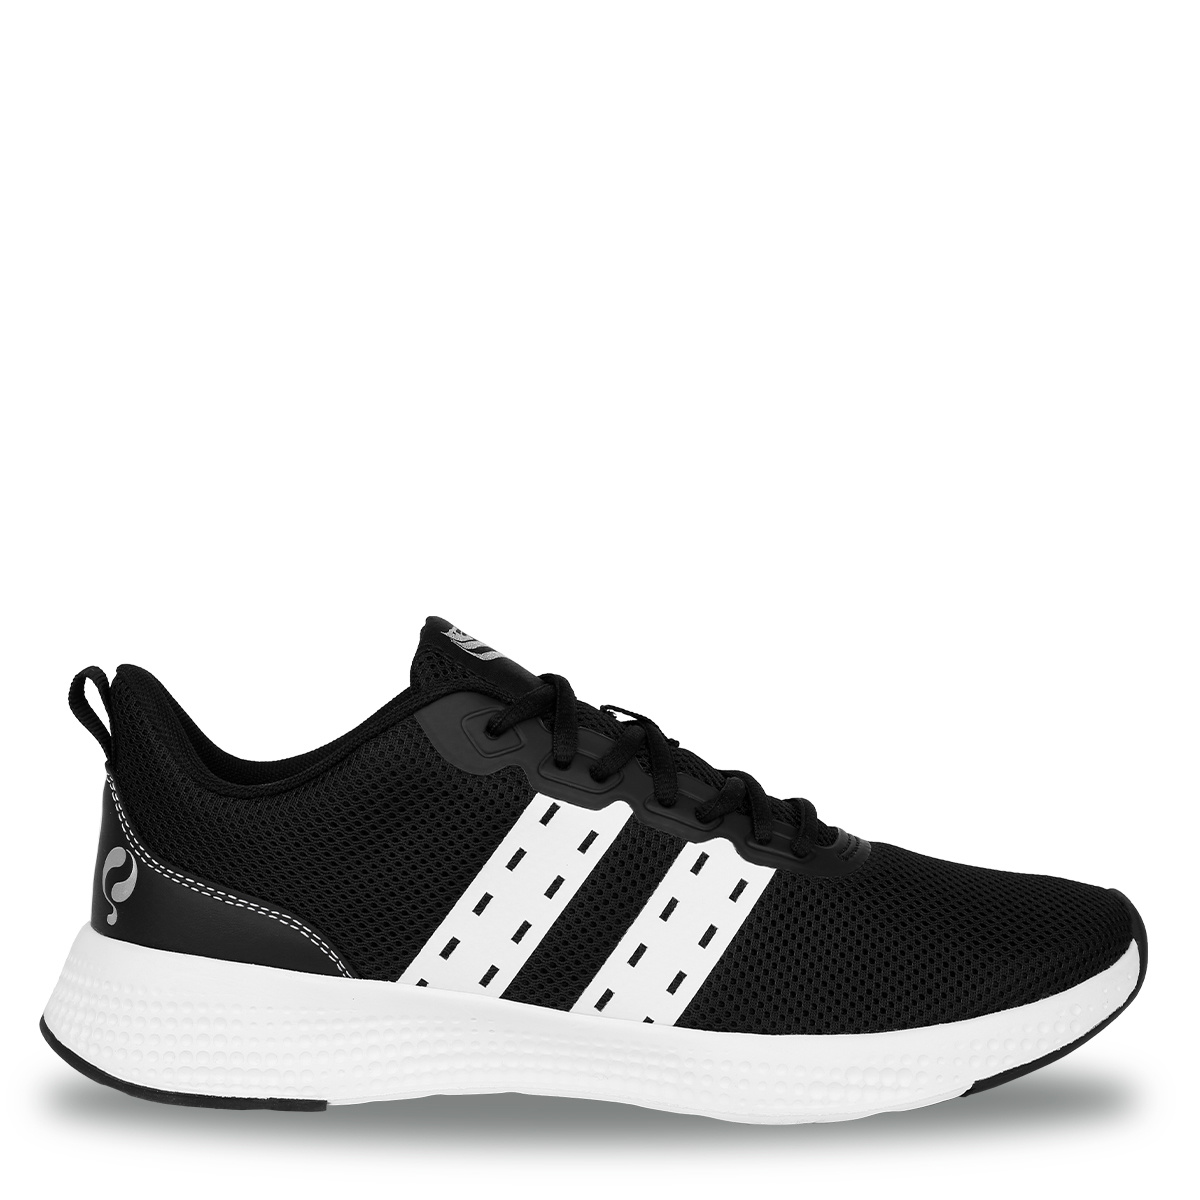 Heren Sneaker Oostduin - Zwart/Wit/Wit